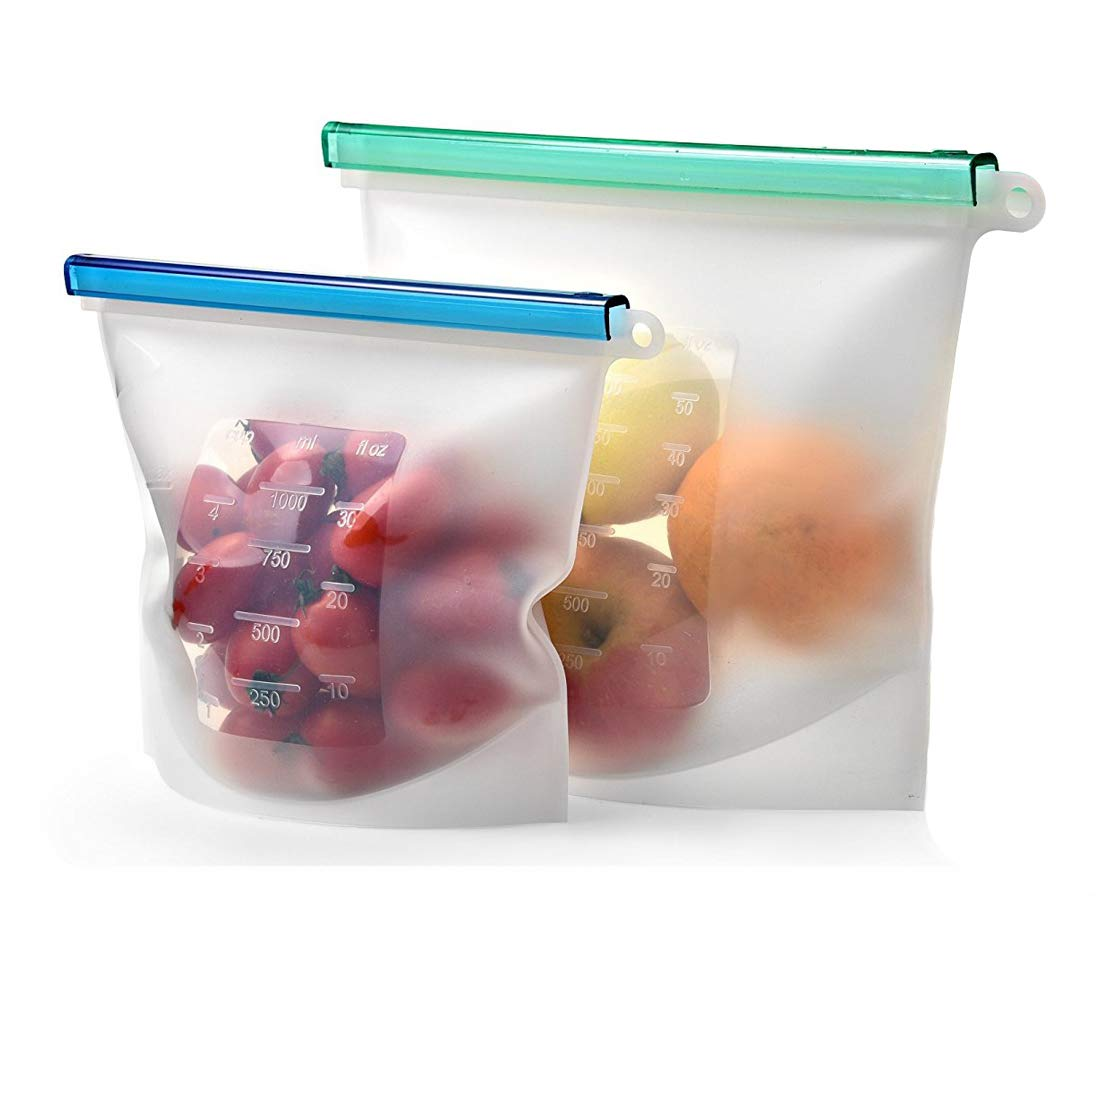 Riutilizzabile in silicone alimentare Storage Bag set di 2–grandi dimensioni 1.417,5gram–ermetica zip Seal mantenere il cibo fresco. Borsa per cucinare, Sous Vide, pranzo, snack, sandwich, freezer. Abimars (50+ 850,5gram, trasparente) FUZE